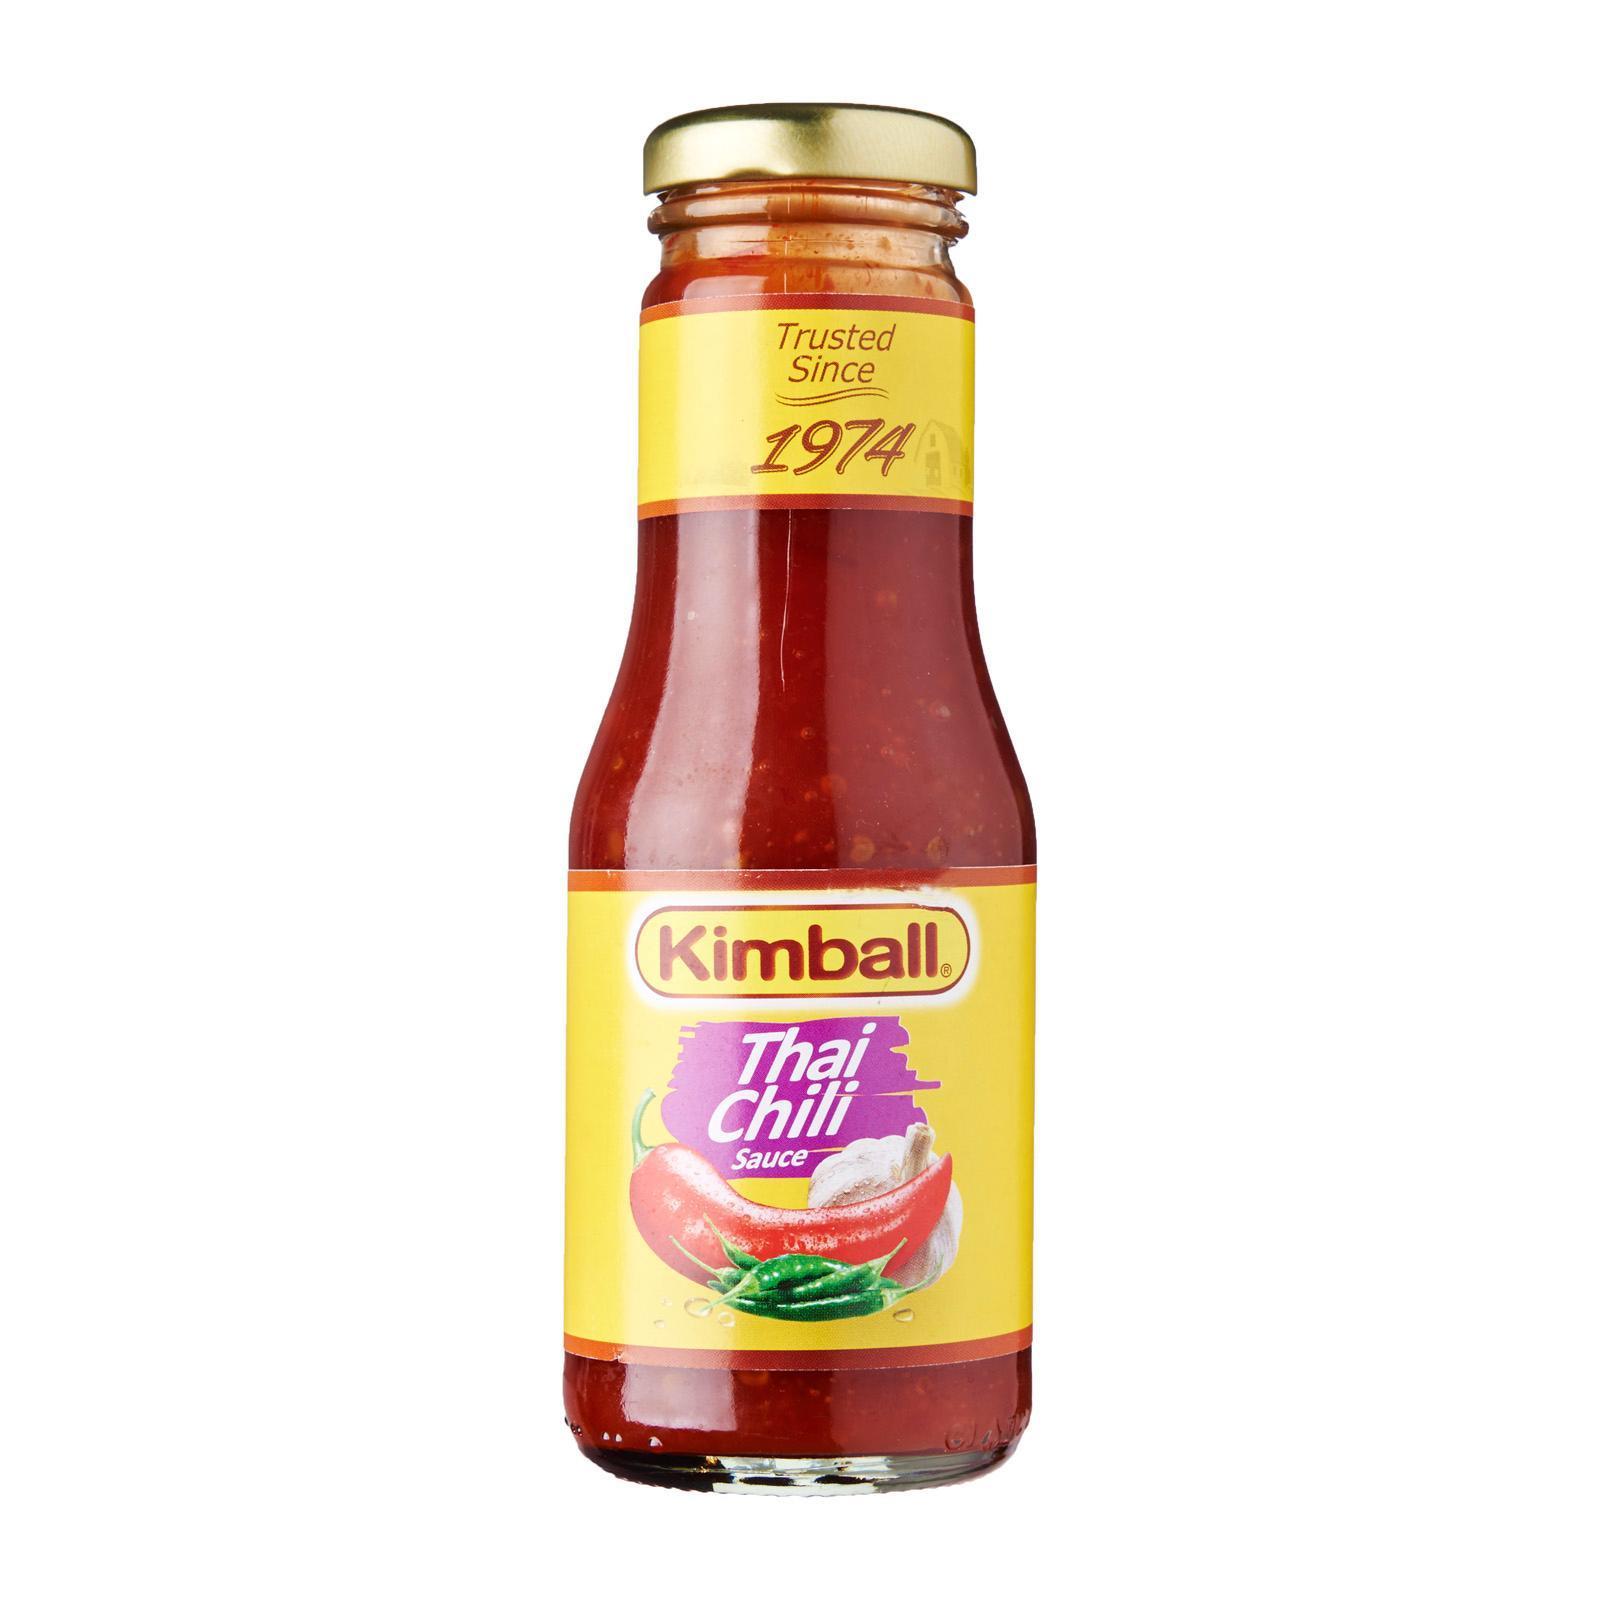 Kimball Thai Chili Sauce By Redmart.